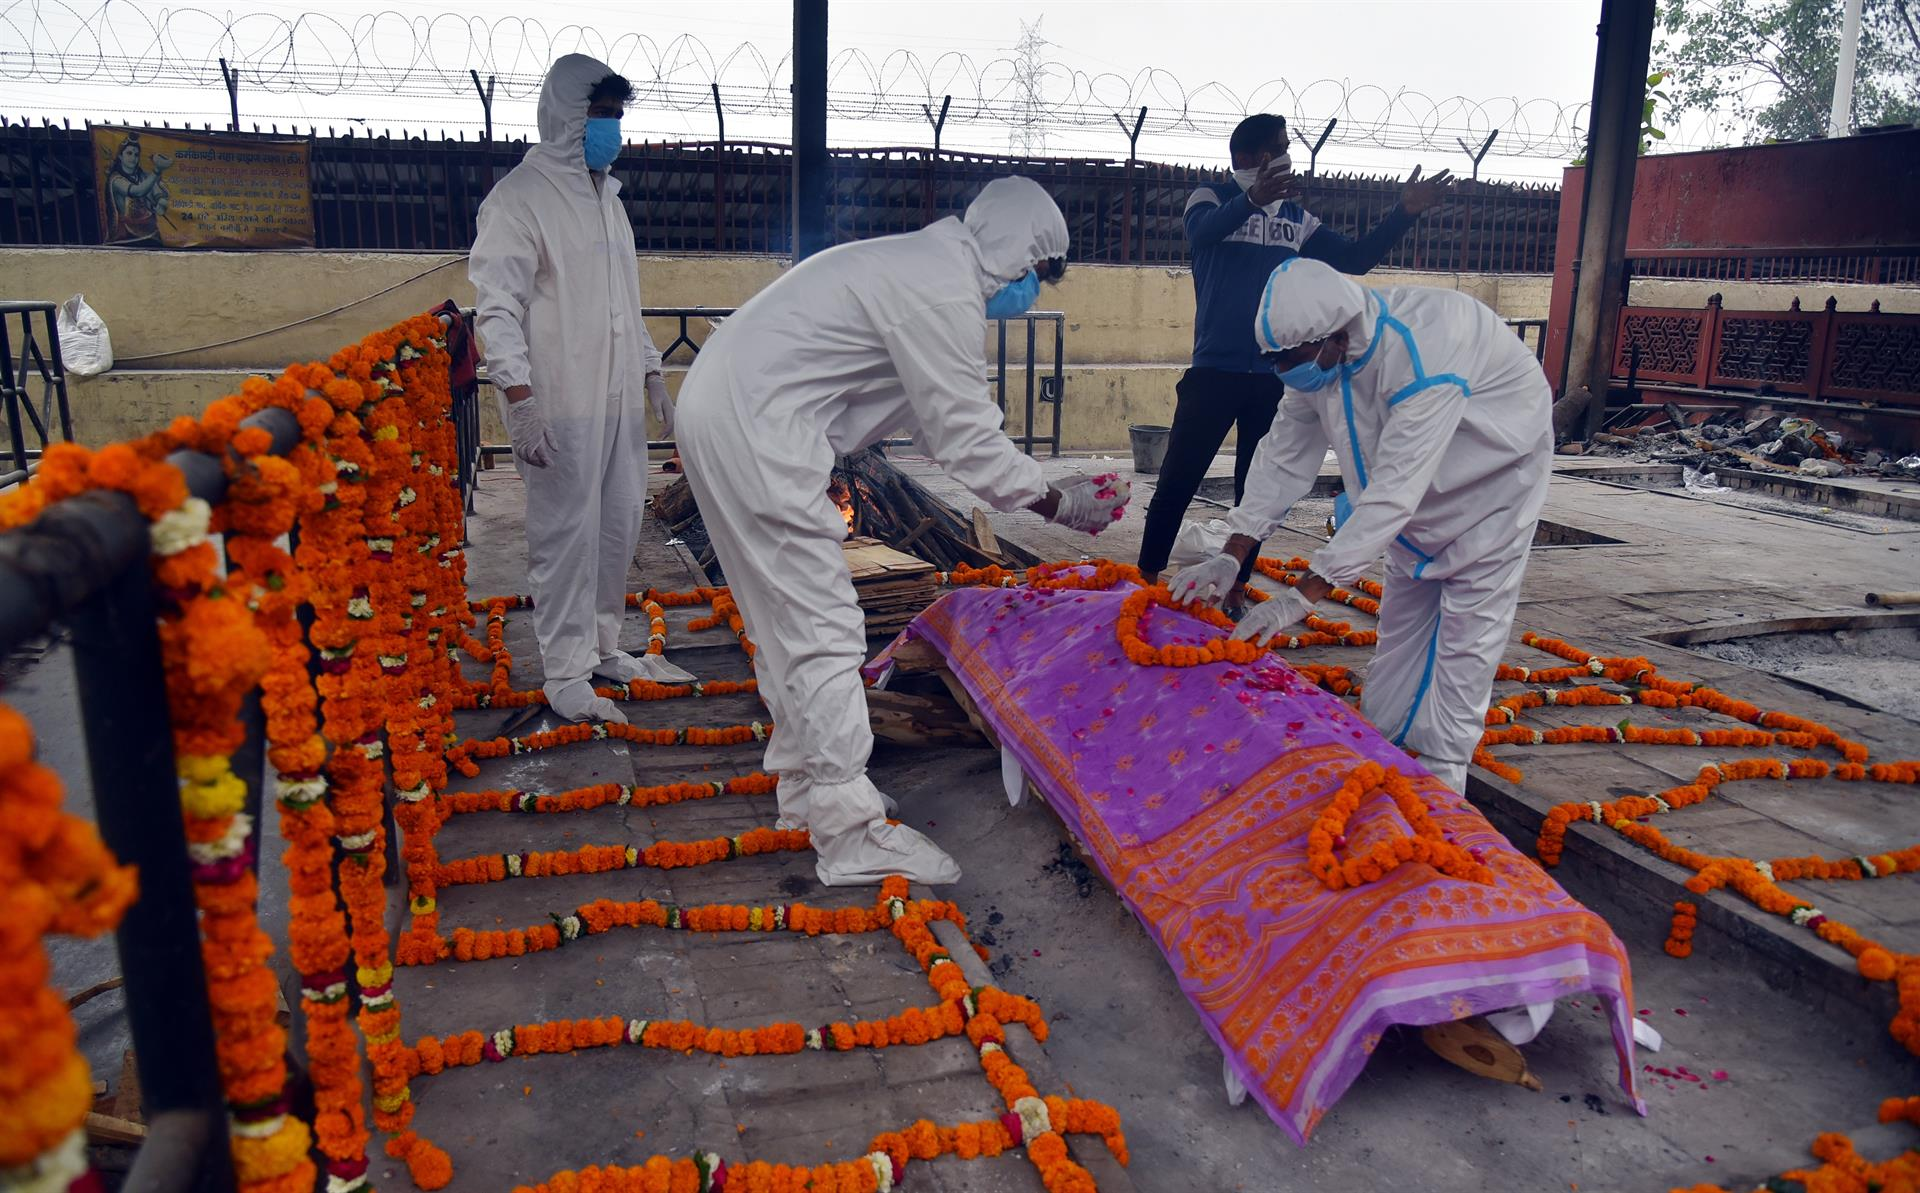 Corpo de uma vítima Covid-19 é preparado para os últimos ritos no crematório de Nova Delhi, Índia